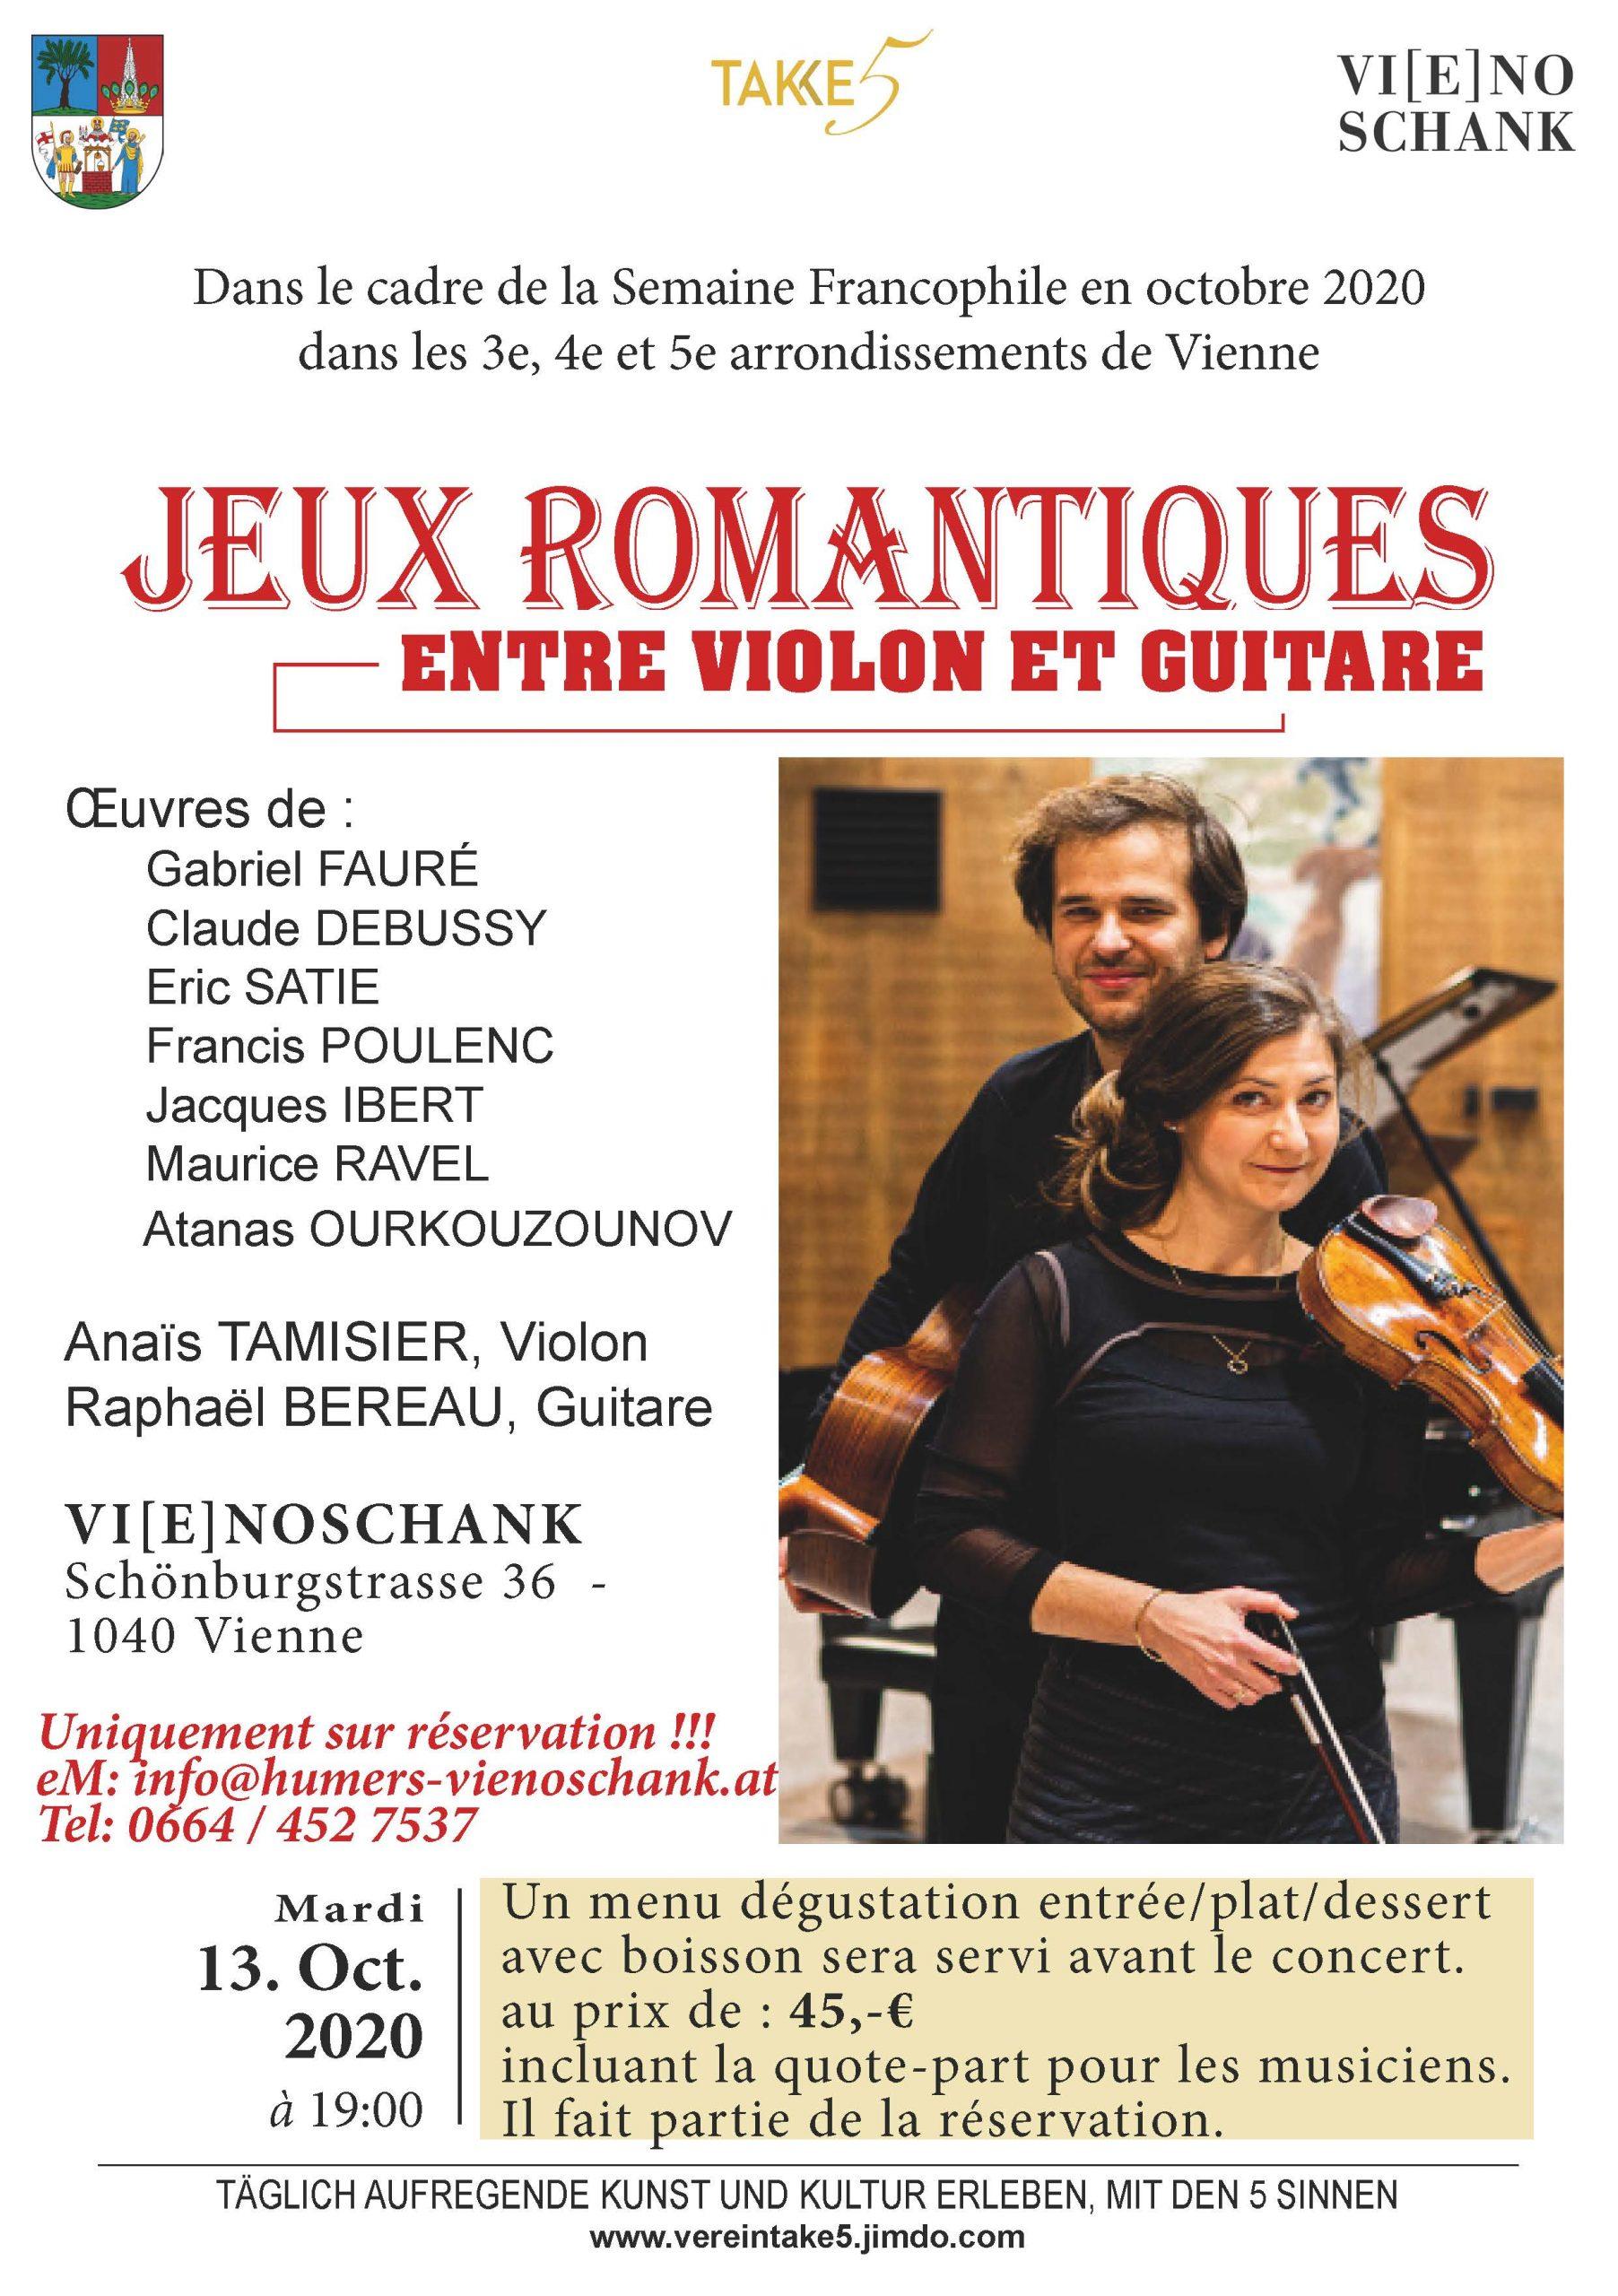 201013_JEUX ROMANTIQUES_Poster A4